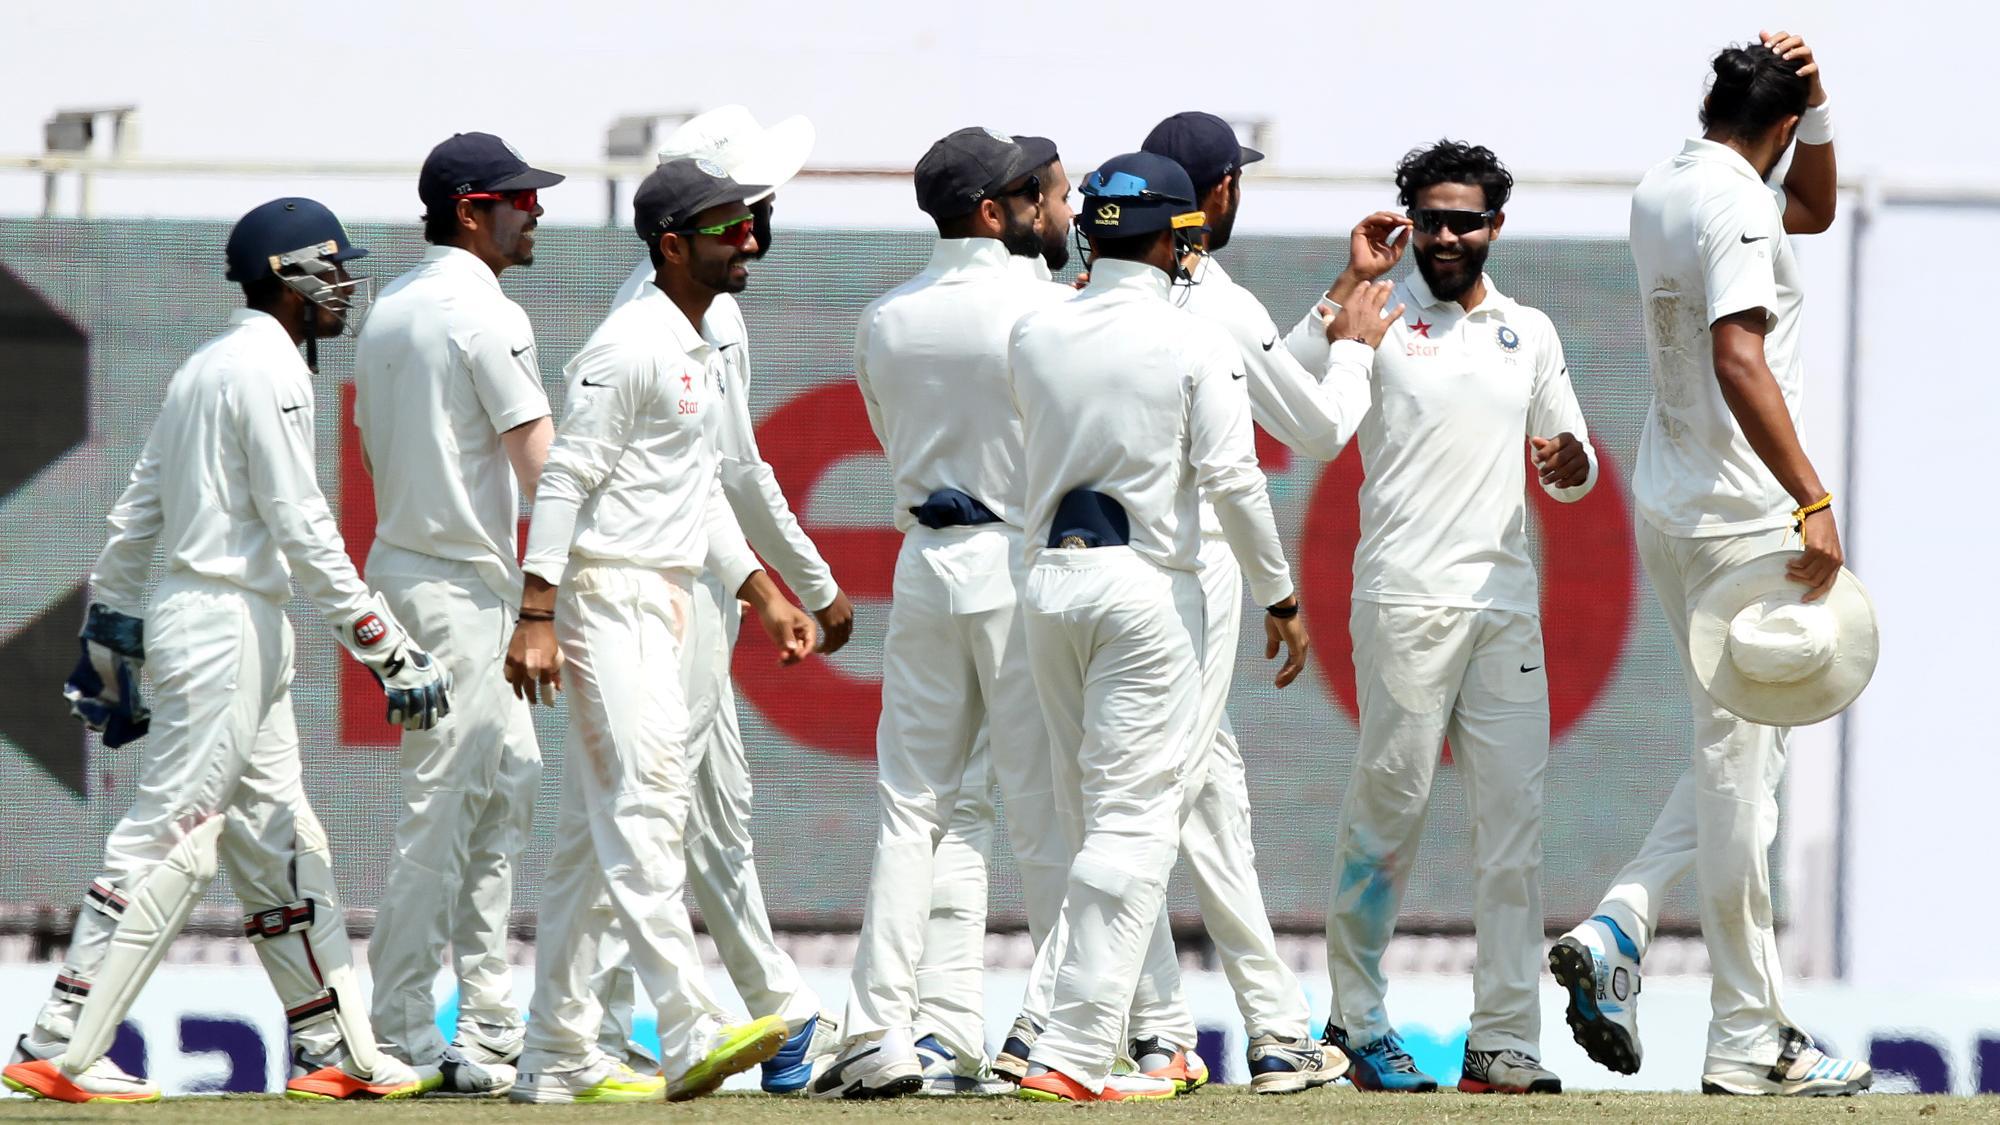 Ravindra_Jadeja_of_India_celebrates_wicket_of_Steven_Smith_captain_of_Australia